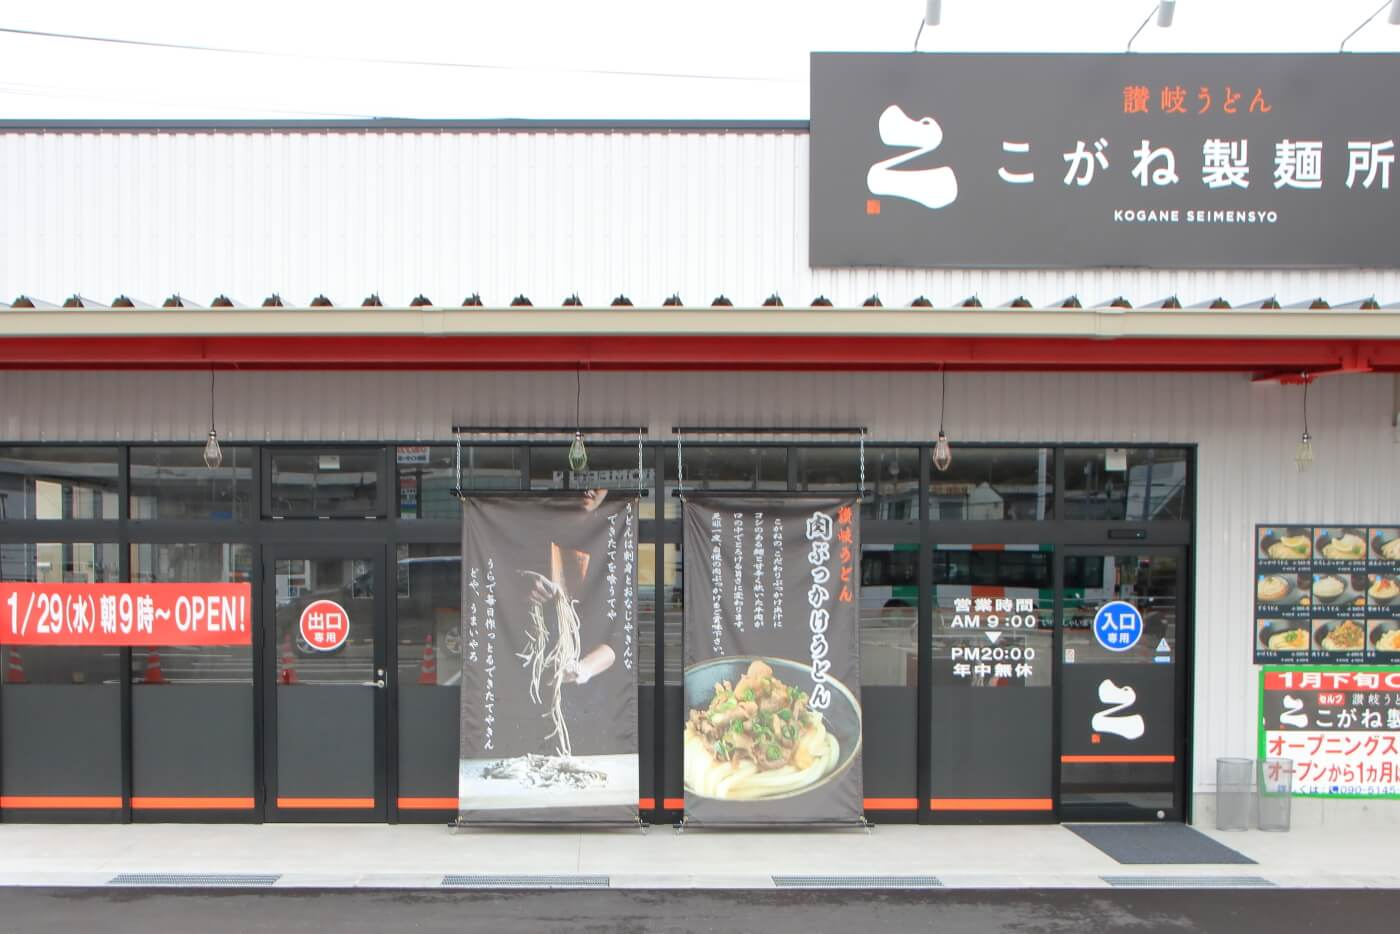 2020年1月29日にオープンする こがね製麺所の外観